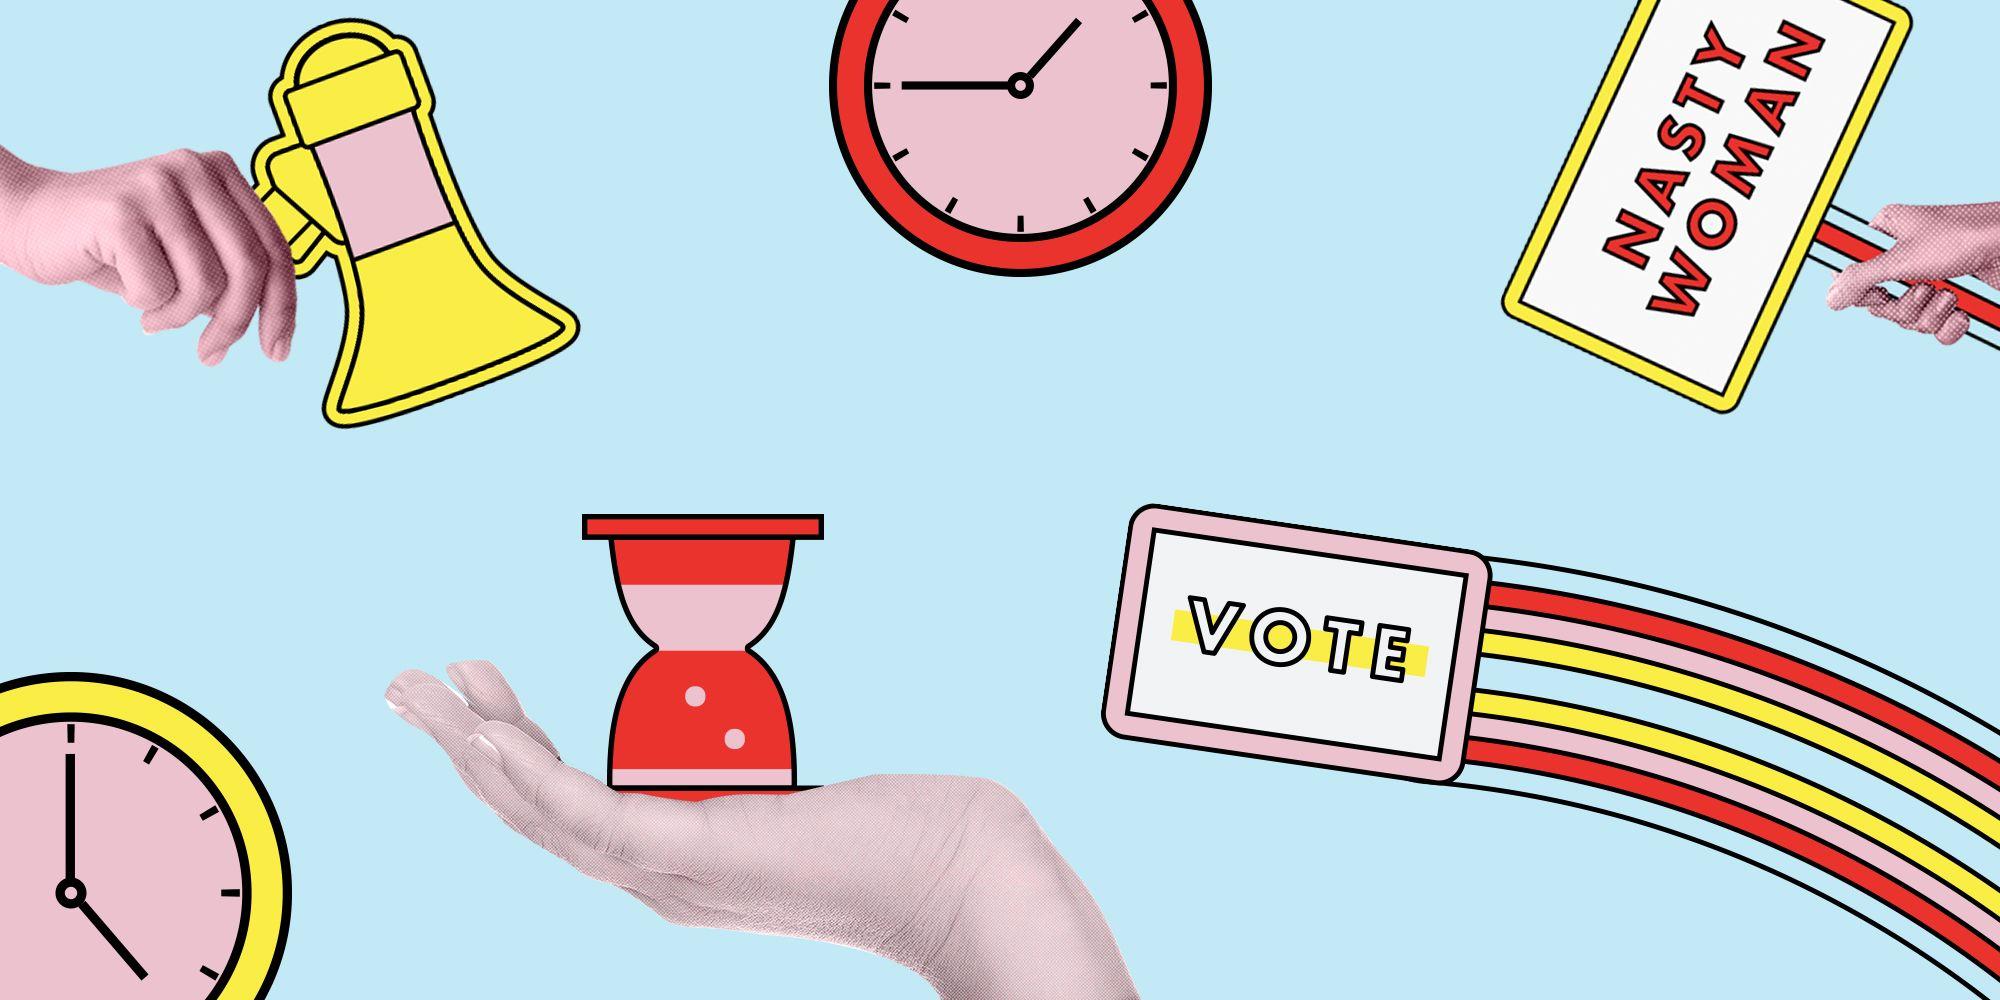 2020 election voting circular graphics - Download Free Vectors, Clipart  Graphics & Vector Art